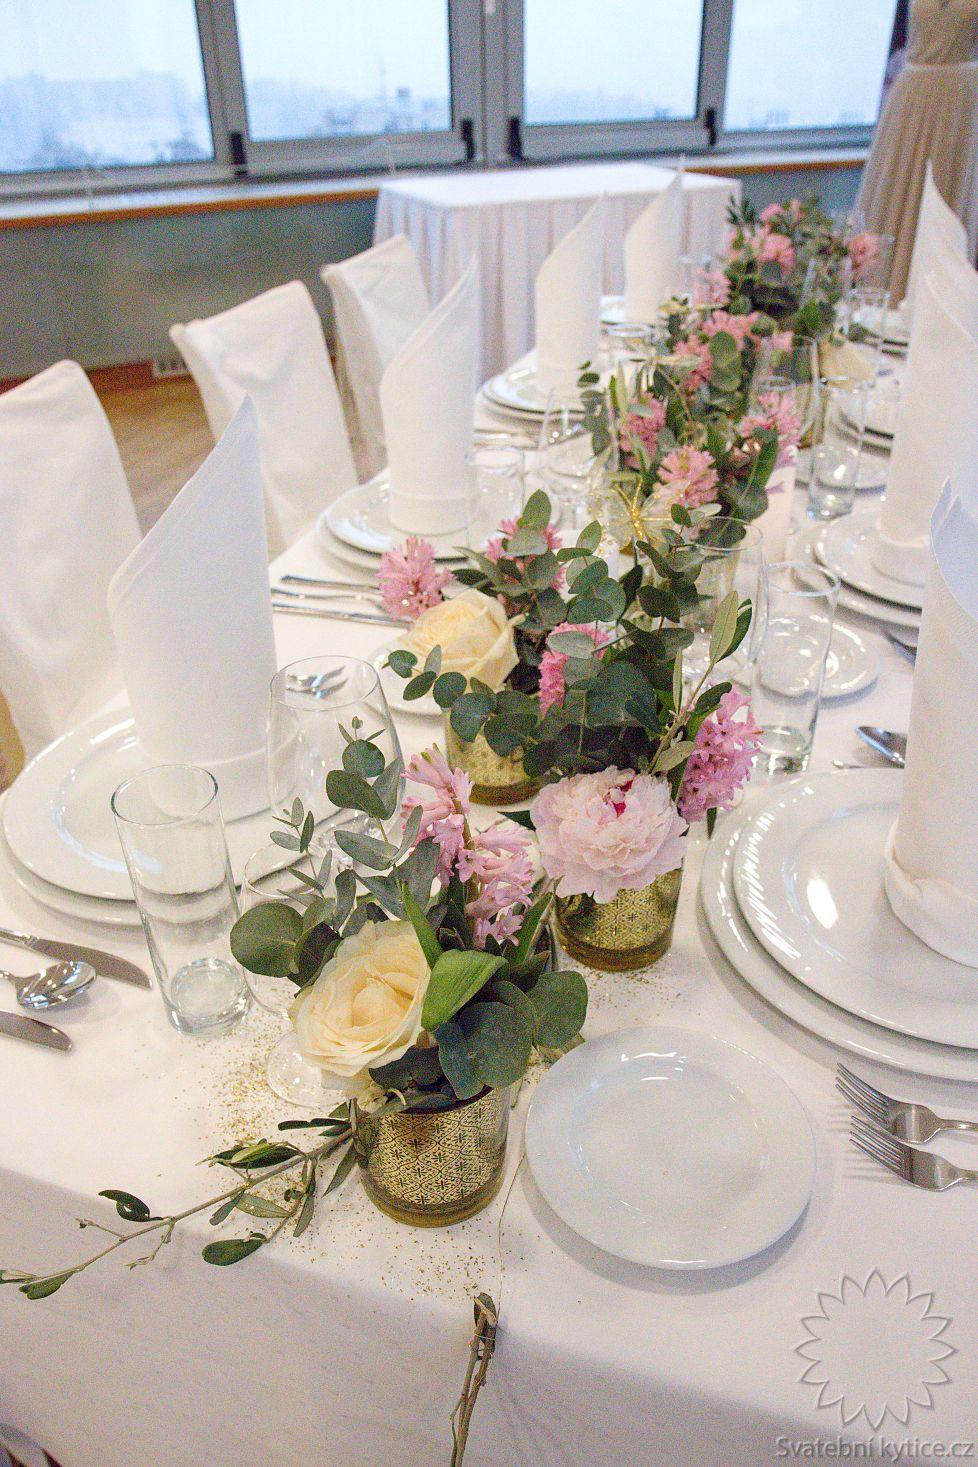 a117a1a98 Květinová výzdoba stolu (743/2595) | Svatební kytice.cz